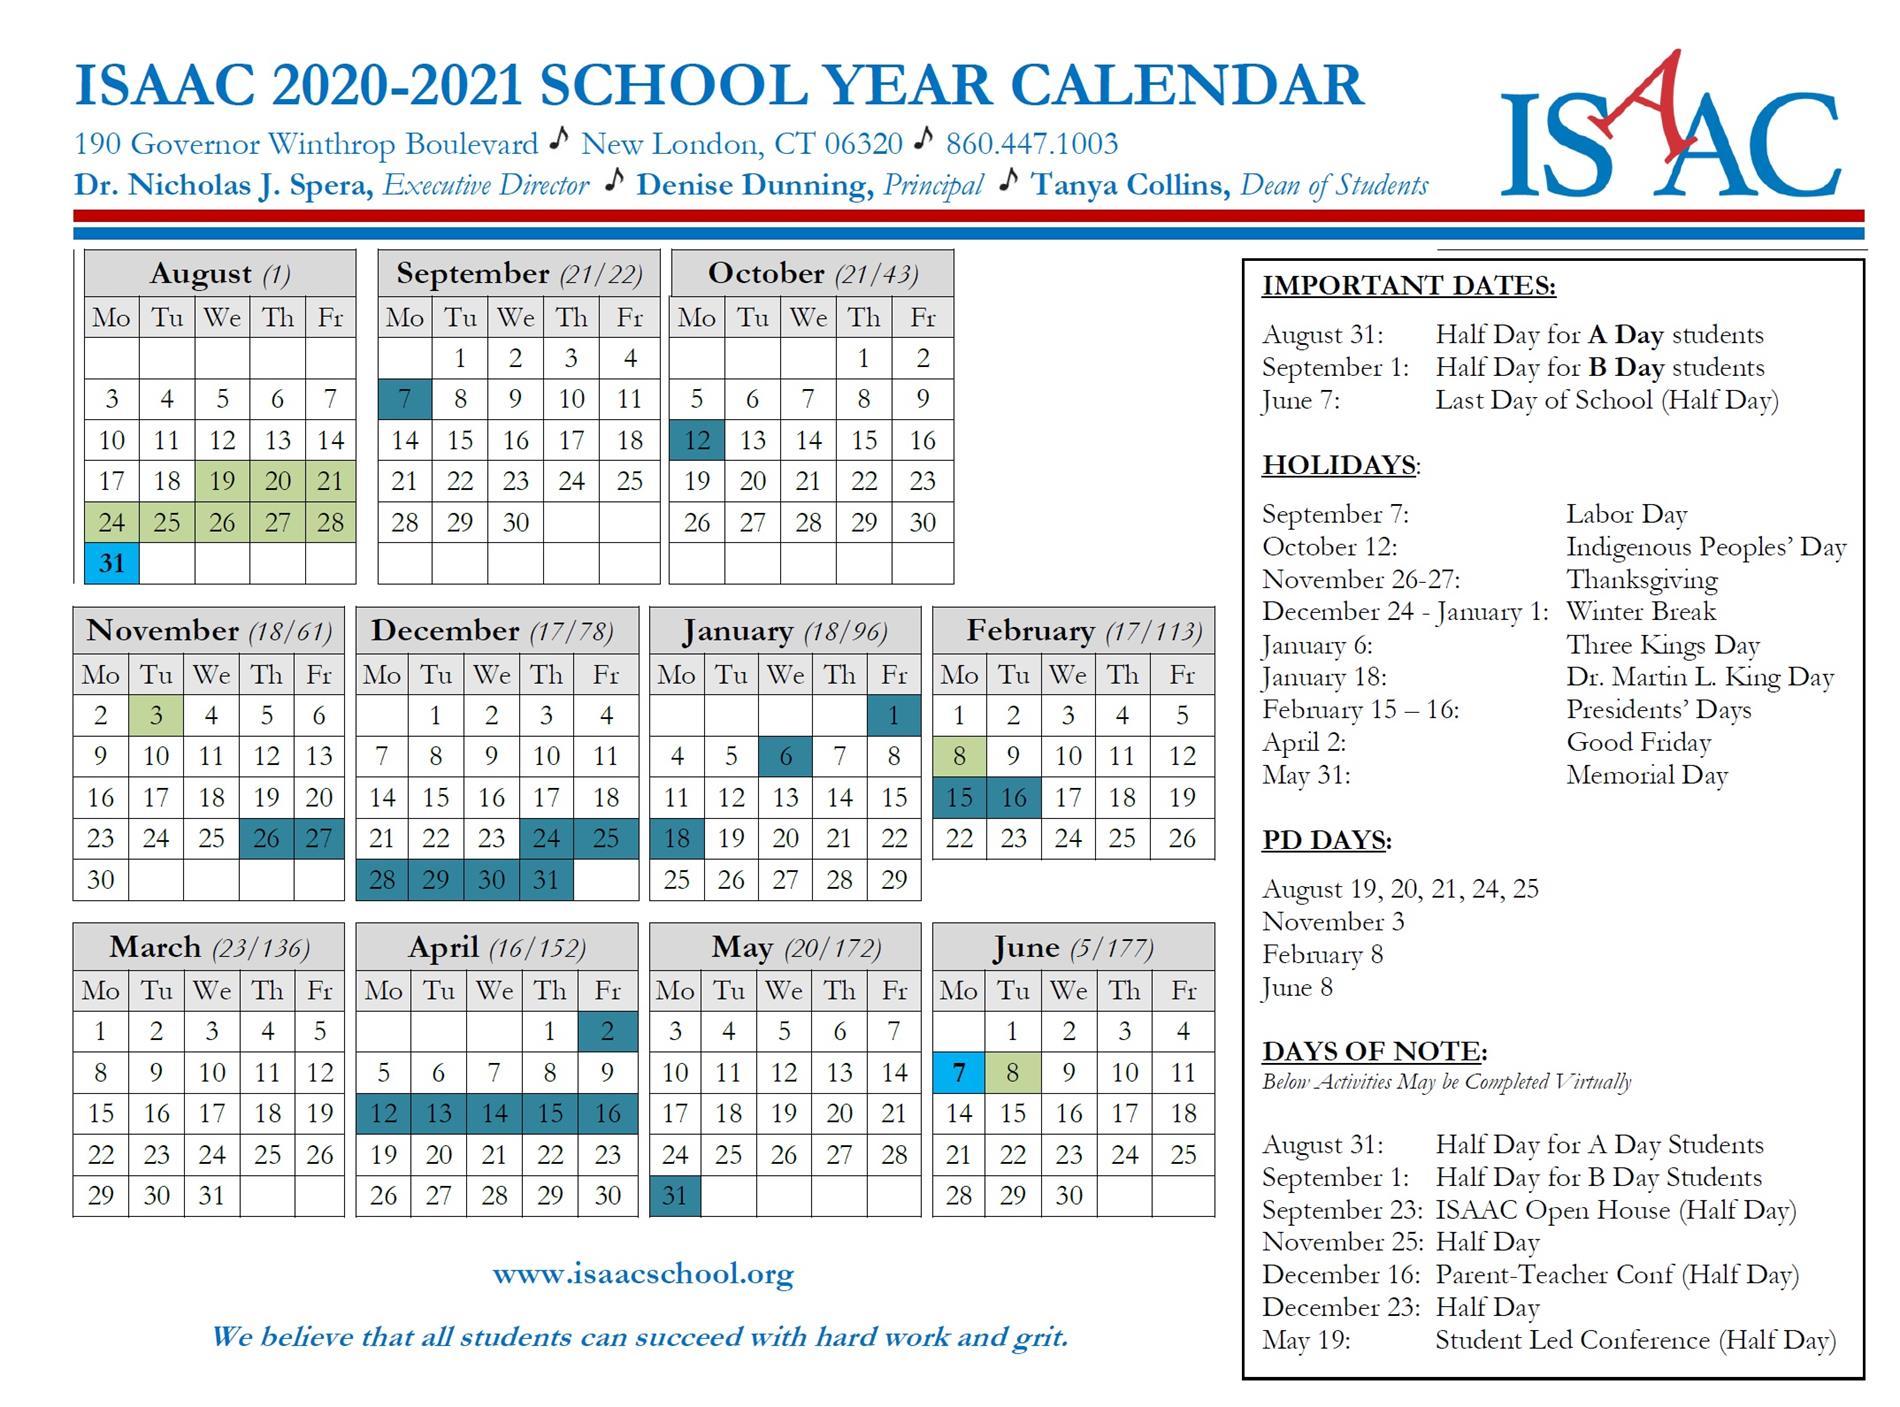 ISAAC Calendar 2020-2021